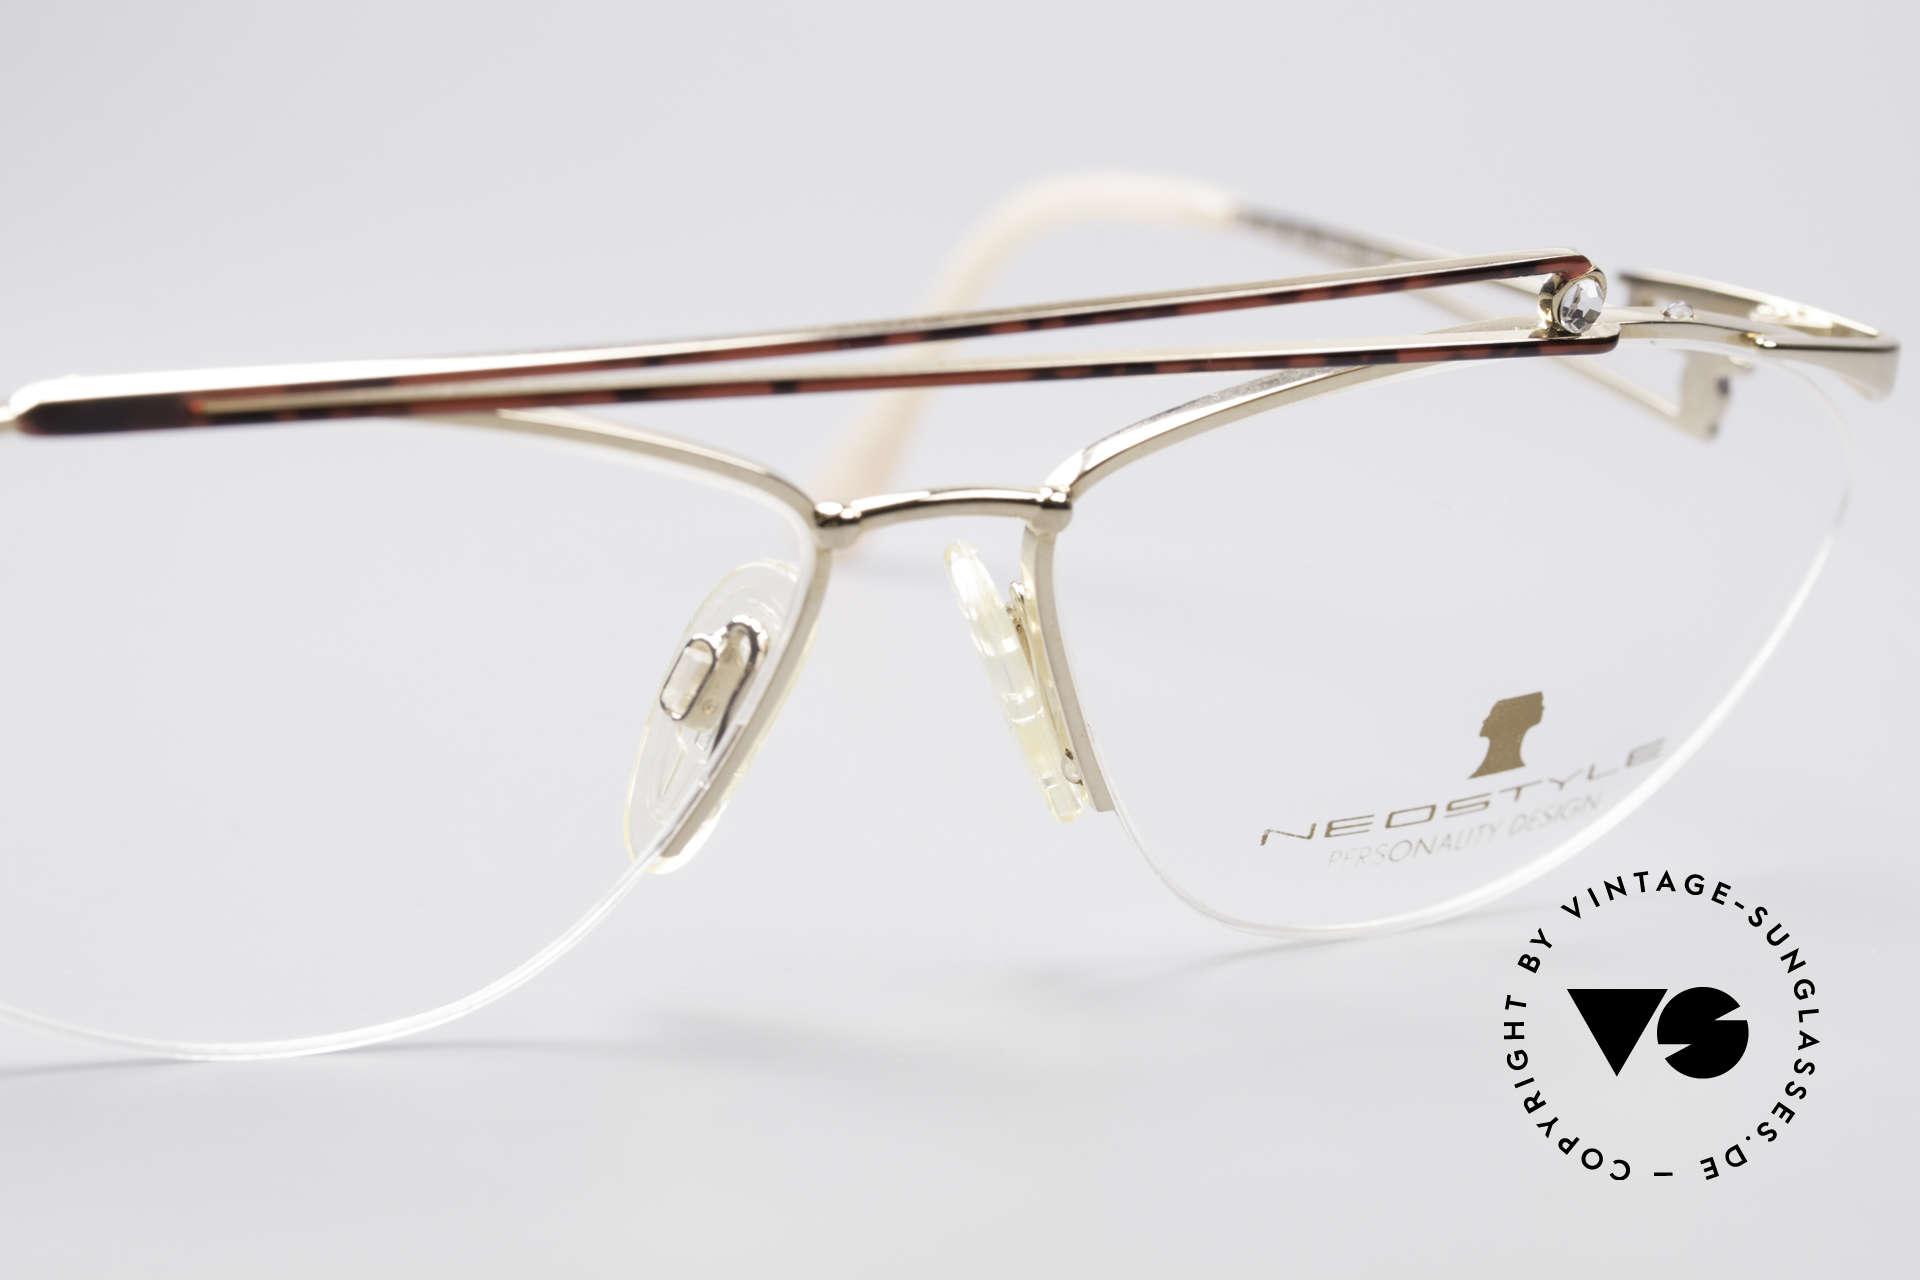 Neostyle Jet 221 Schmuckstein Vintage Brille, ungetragen (wie alle unsere vintage Neostyle Brillen), Passend für Damen